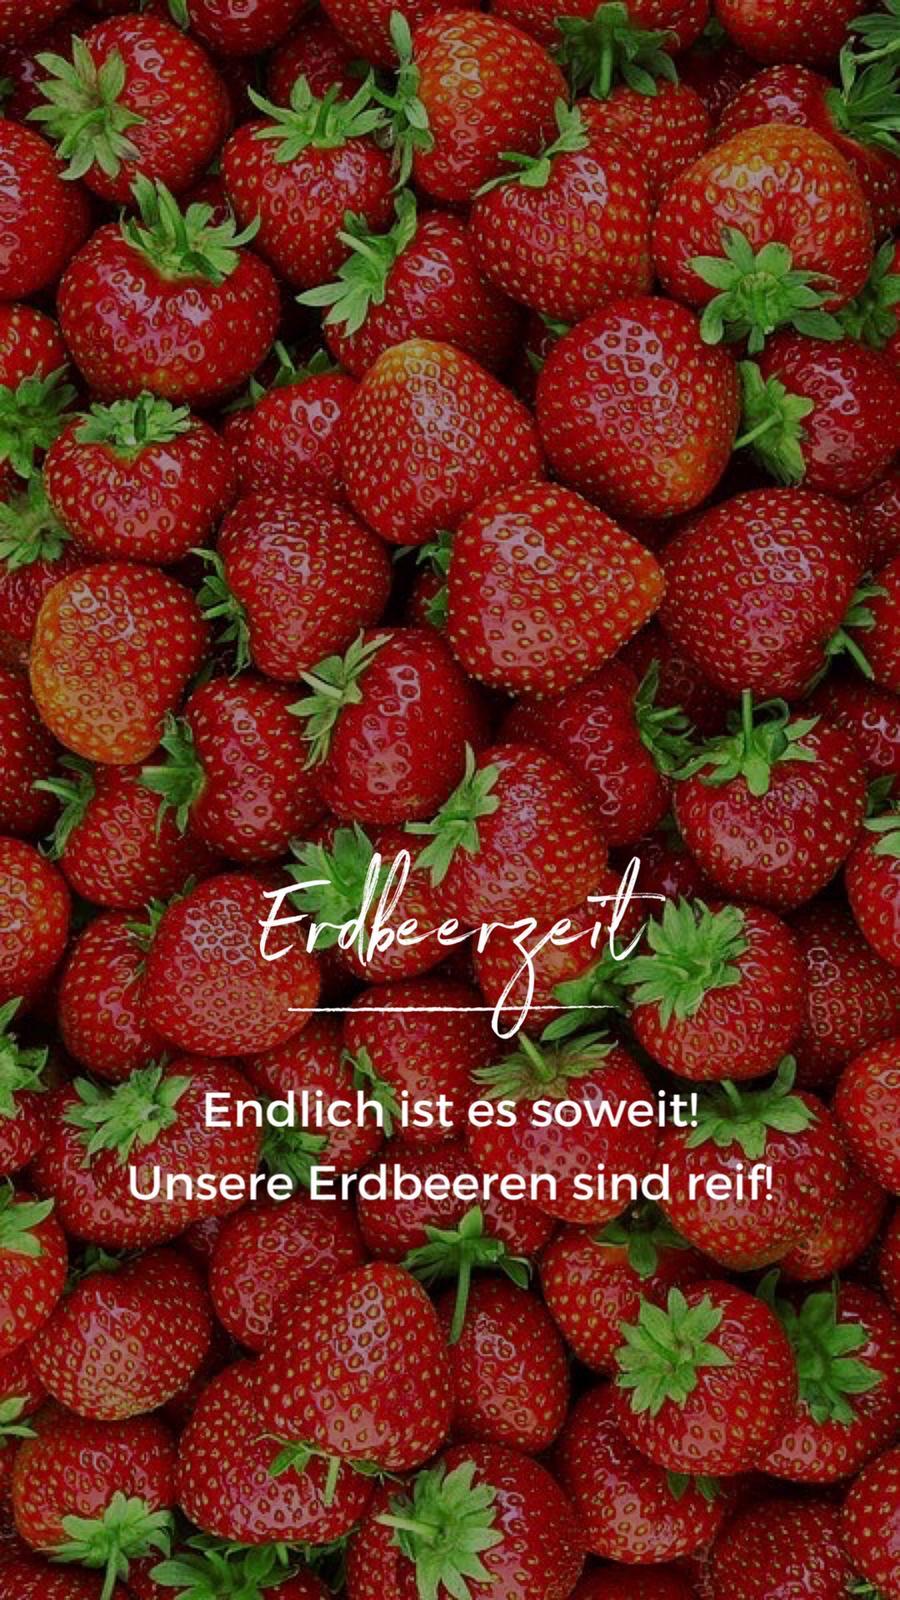 (c) Eichenberger-obst.ch